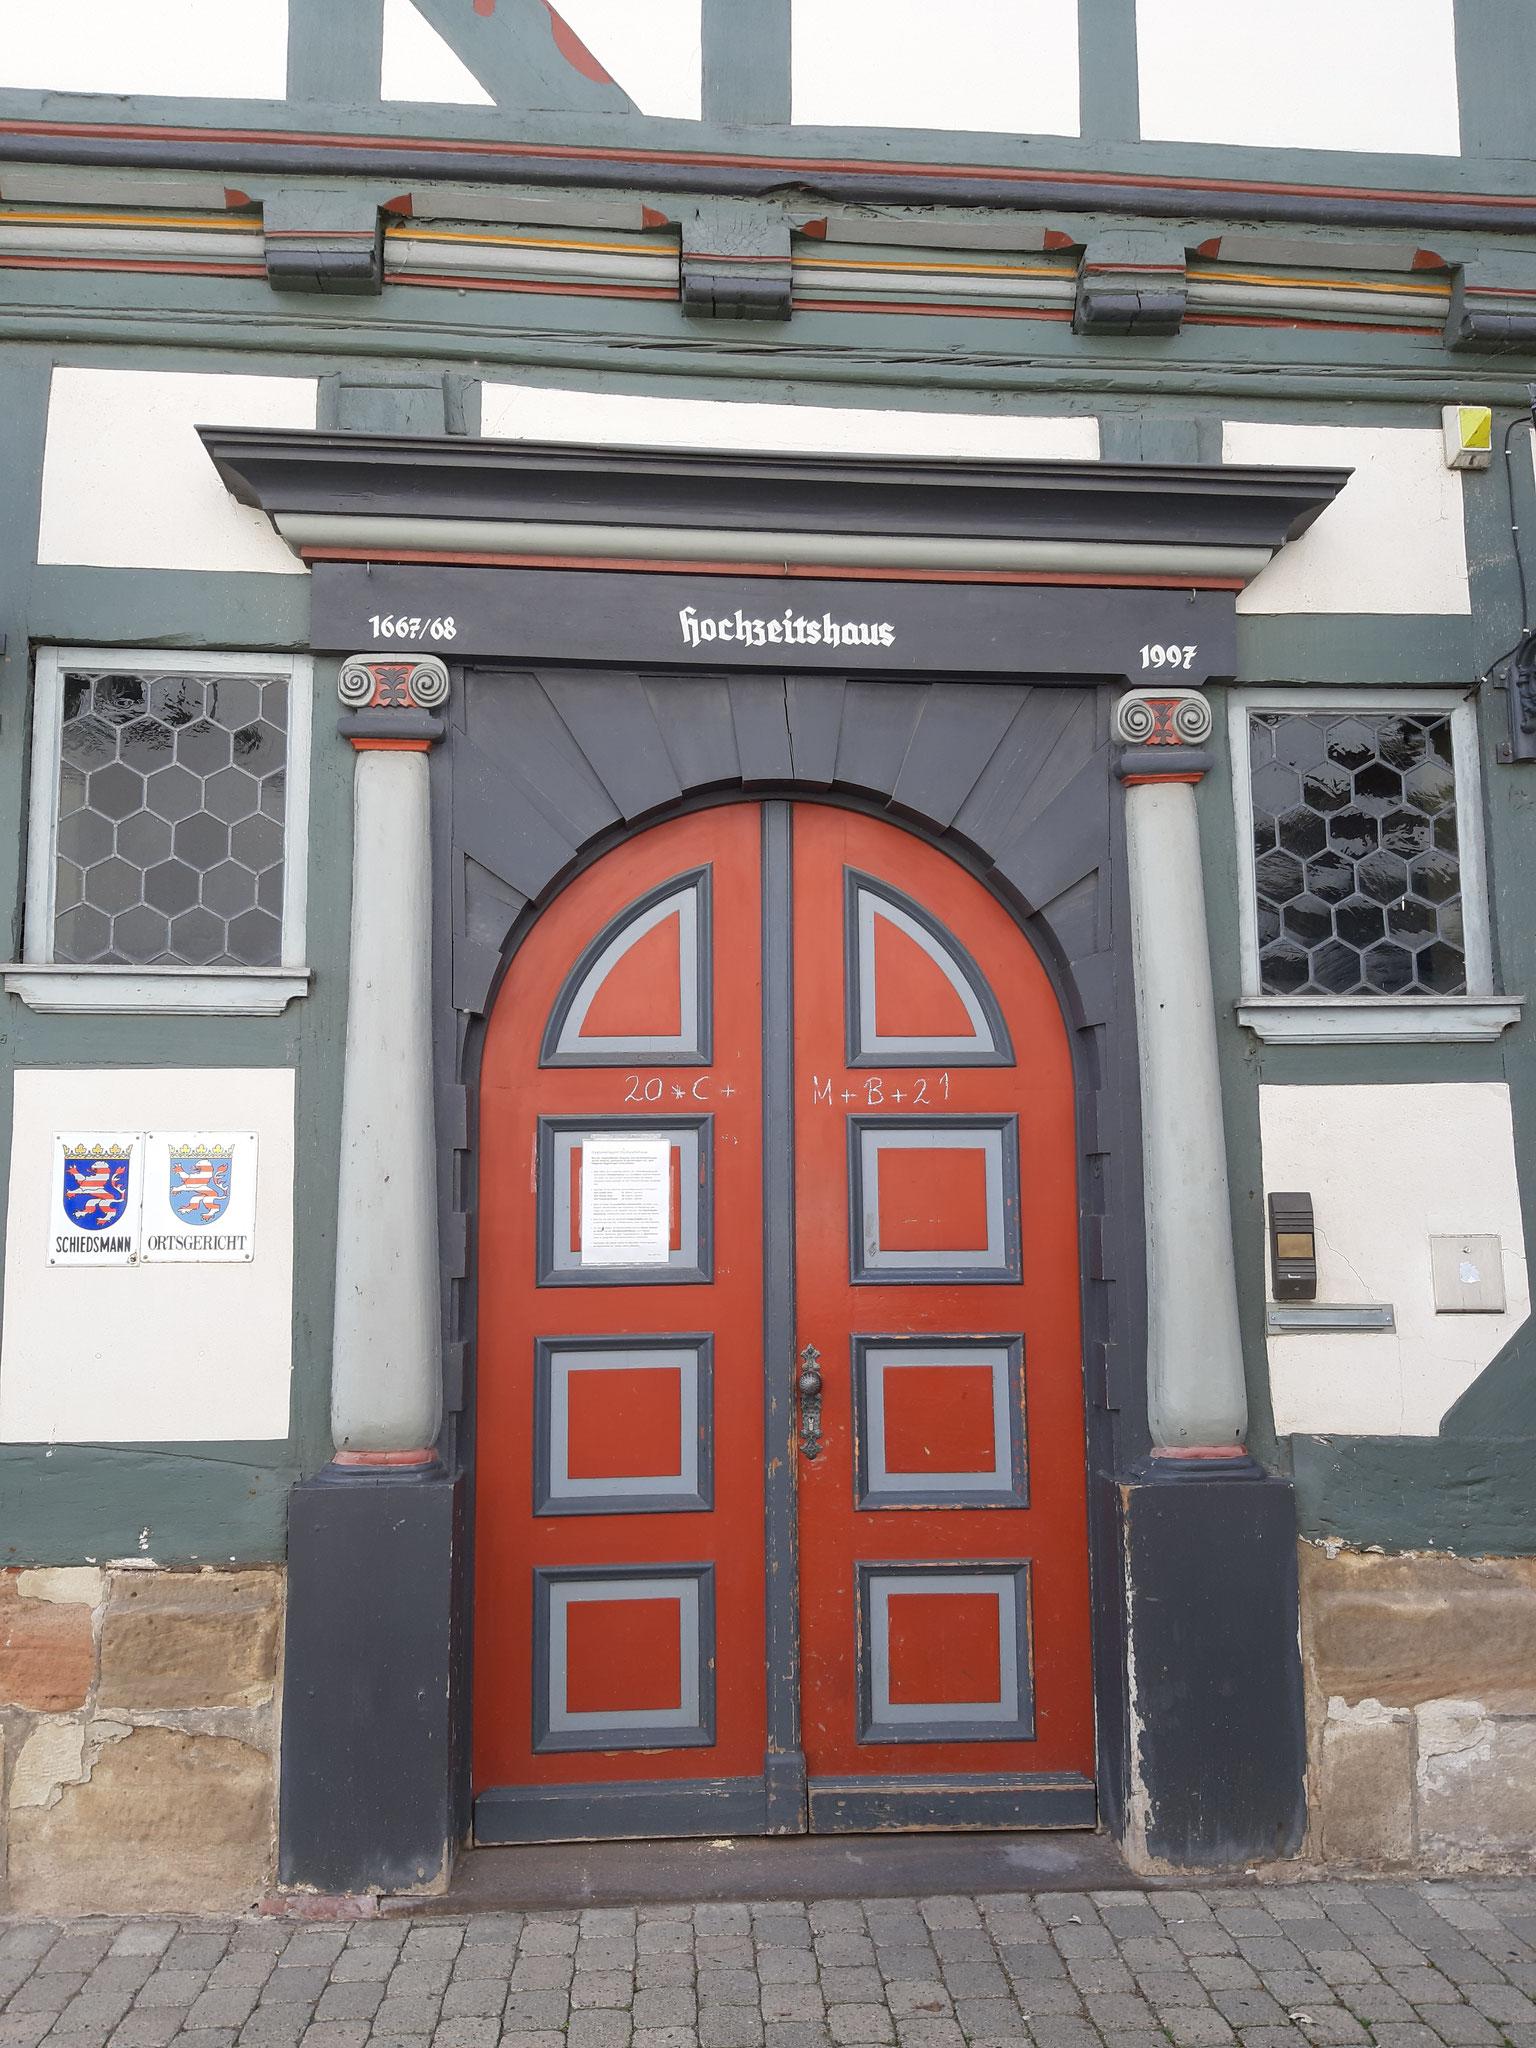 Das alte Hochzeitshaus in Bad Sooden-Allendorf